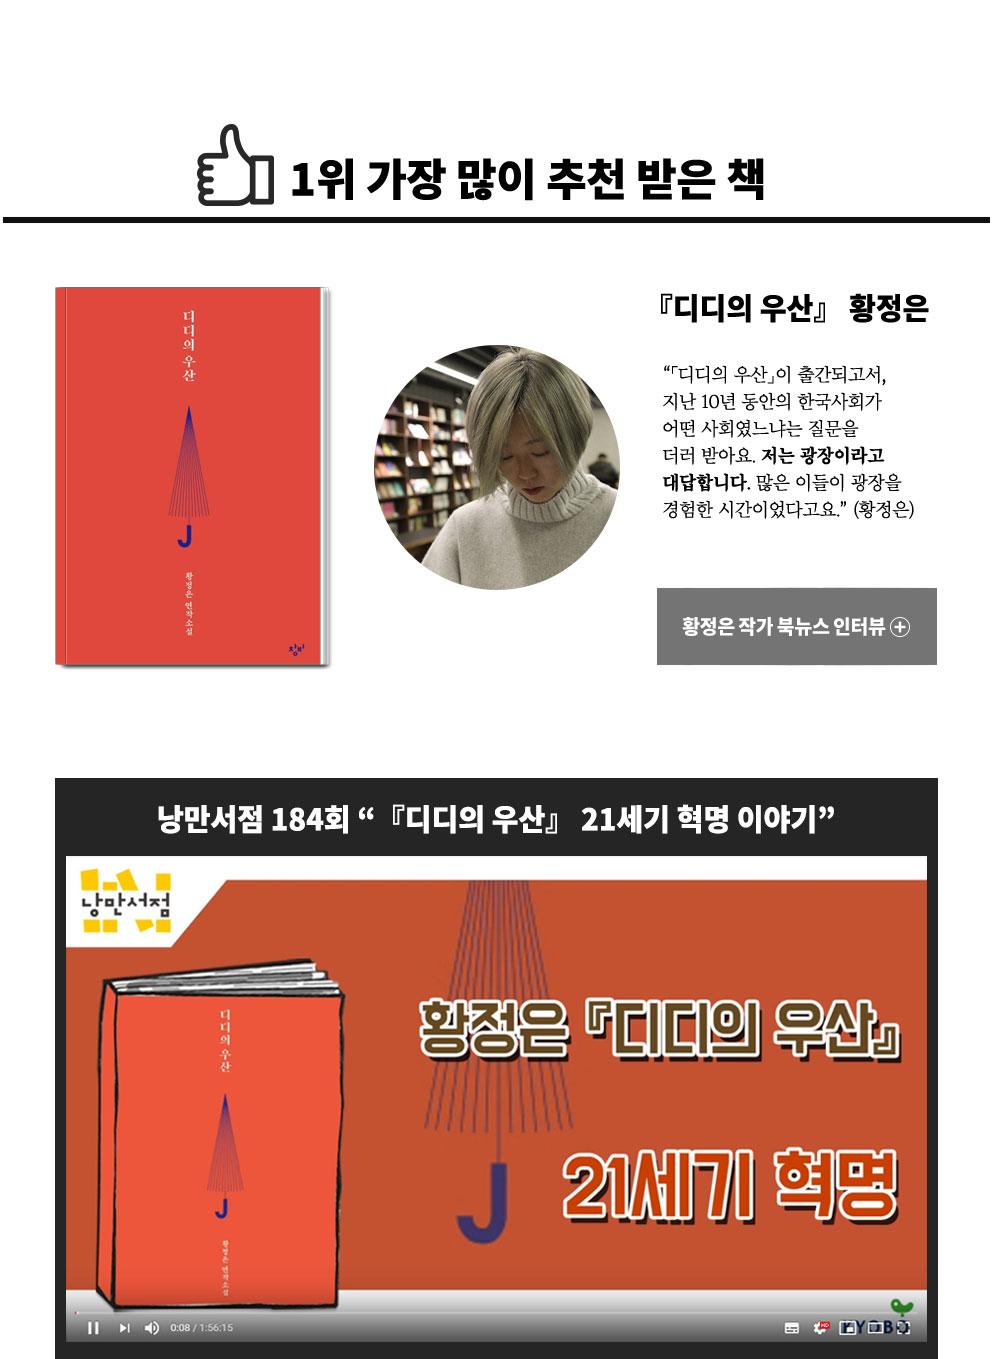 1위. 가장 많이 추천받은 책. 디디의 우산 황정은:「디디의 우산」이 출간되고서, 지난 10년 동안의 한국사회가 어떤 사회였느냐는 질문을 더러 받아요. 저는 광장이라고 대답합니다. 많은 이들이 광장을 경험한 시간이었다고요. (황정은)